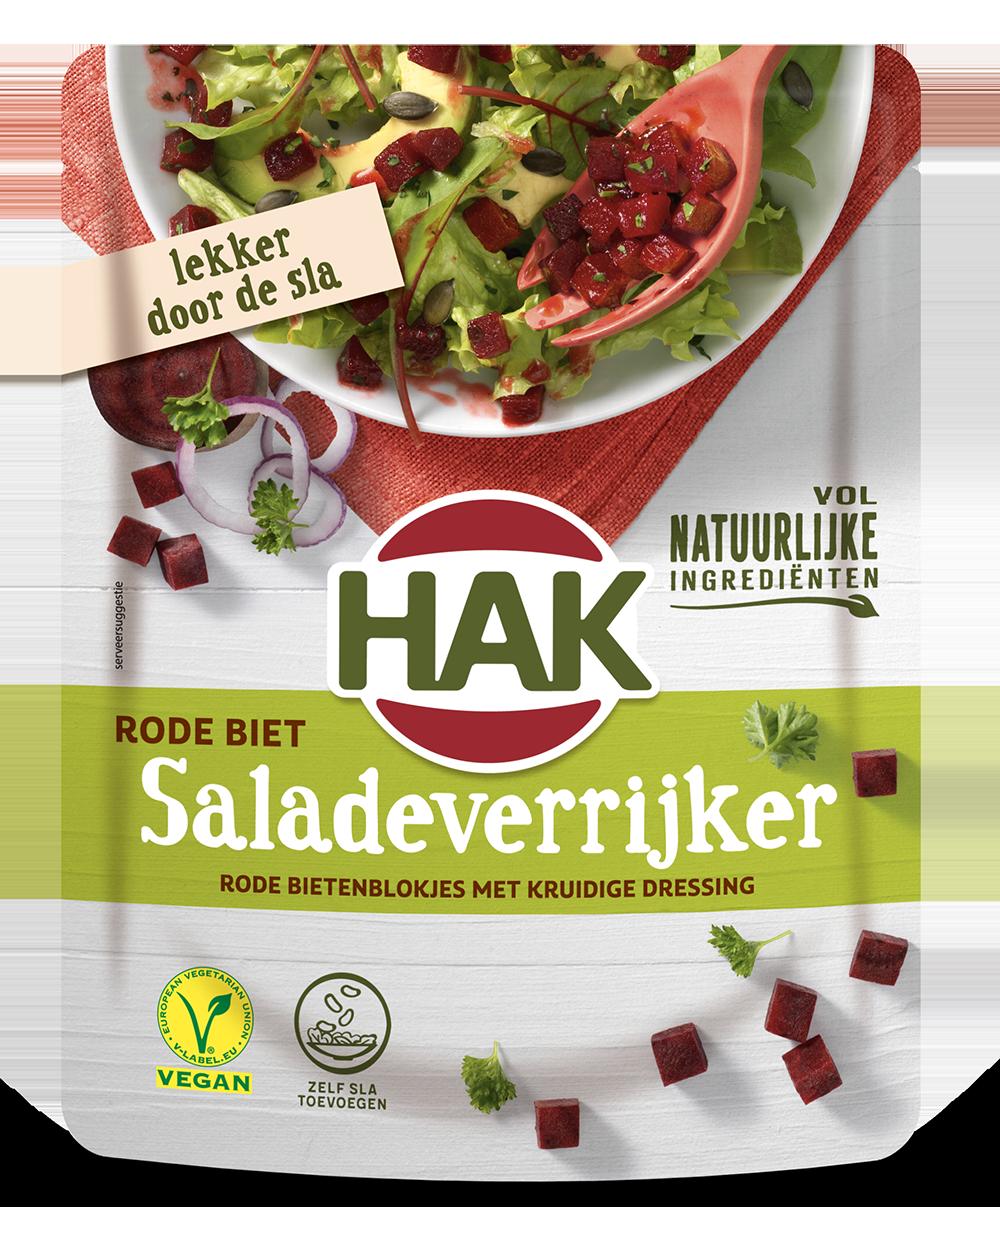 HAK-Salade-verrijker-Rode-Biet-200g-NL-EAN-8720600615962